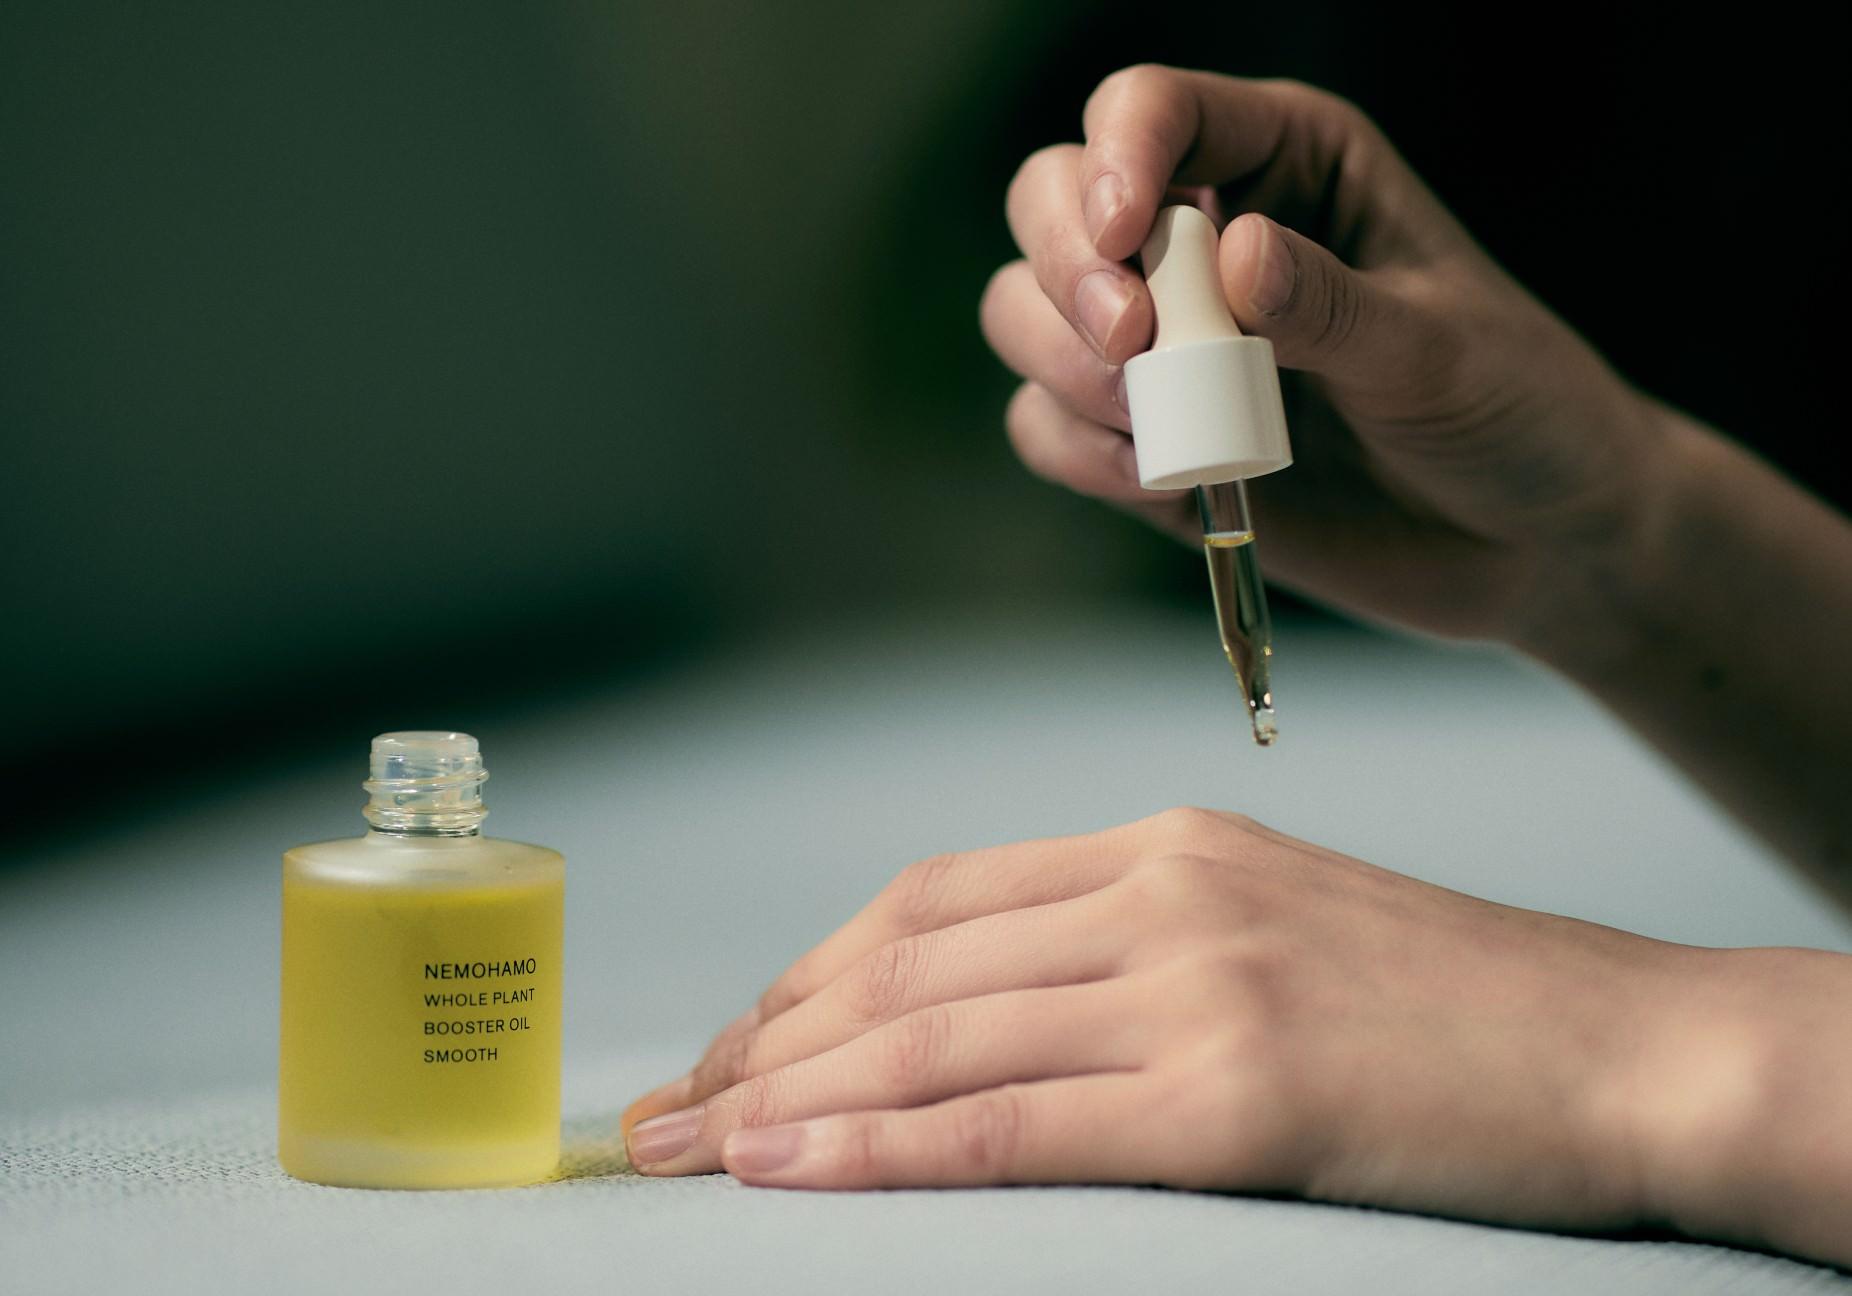 ブースターオイルスムース使用イメージ